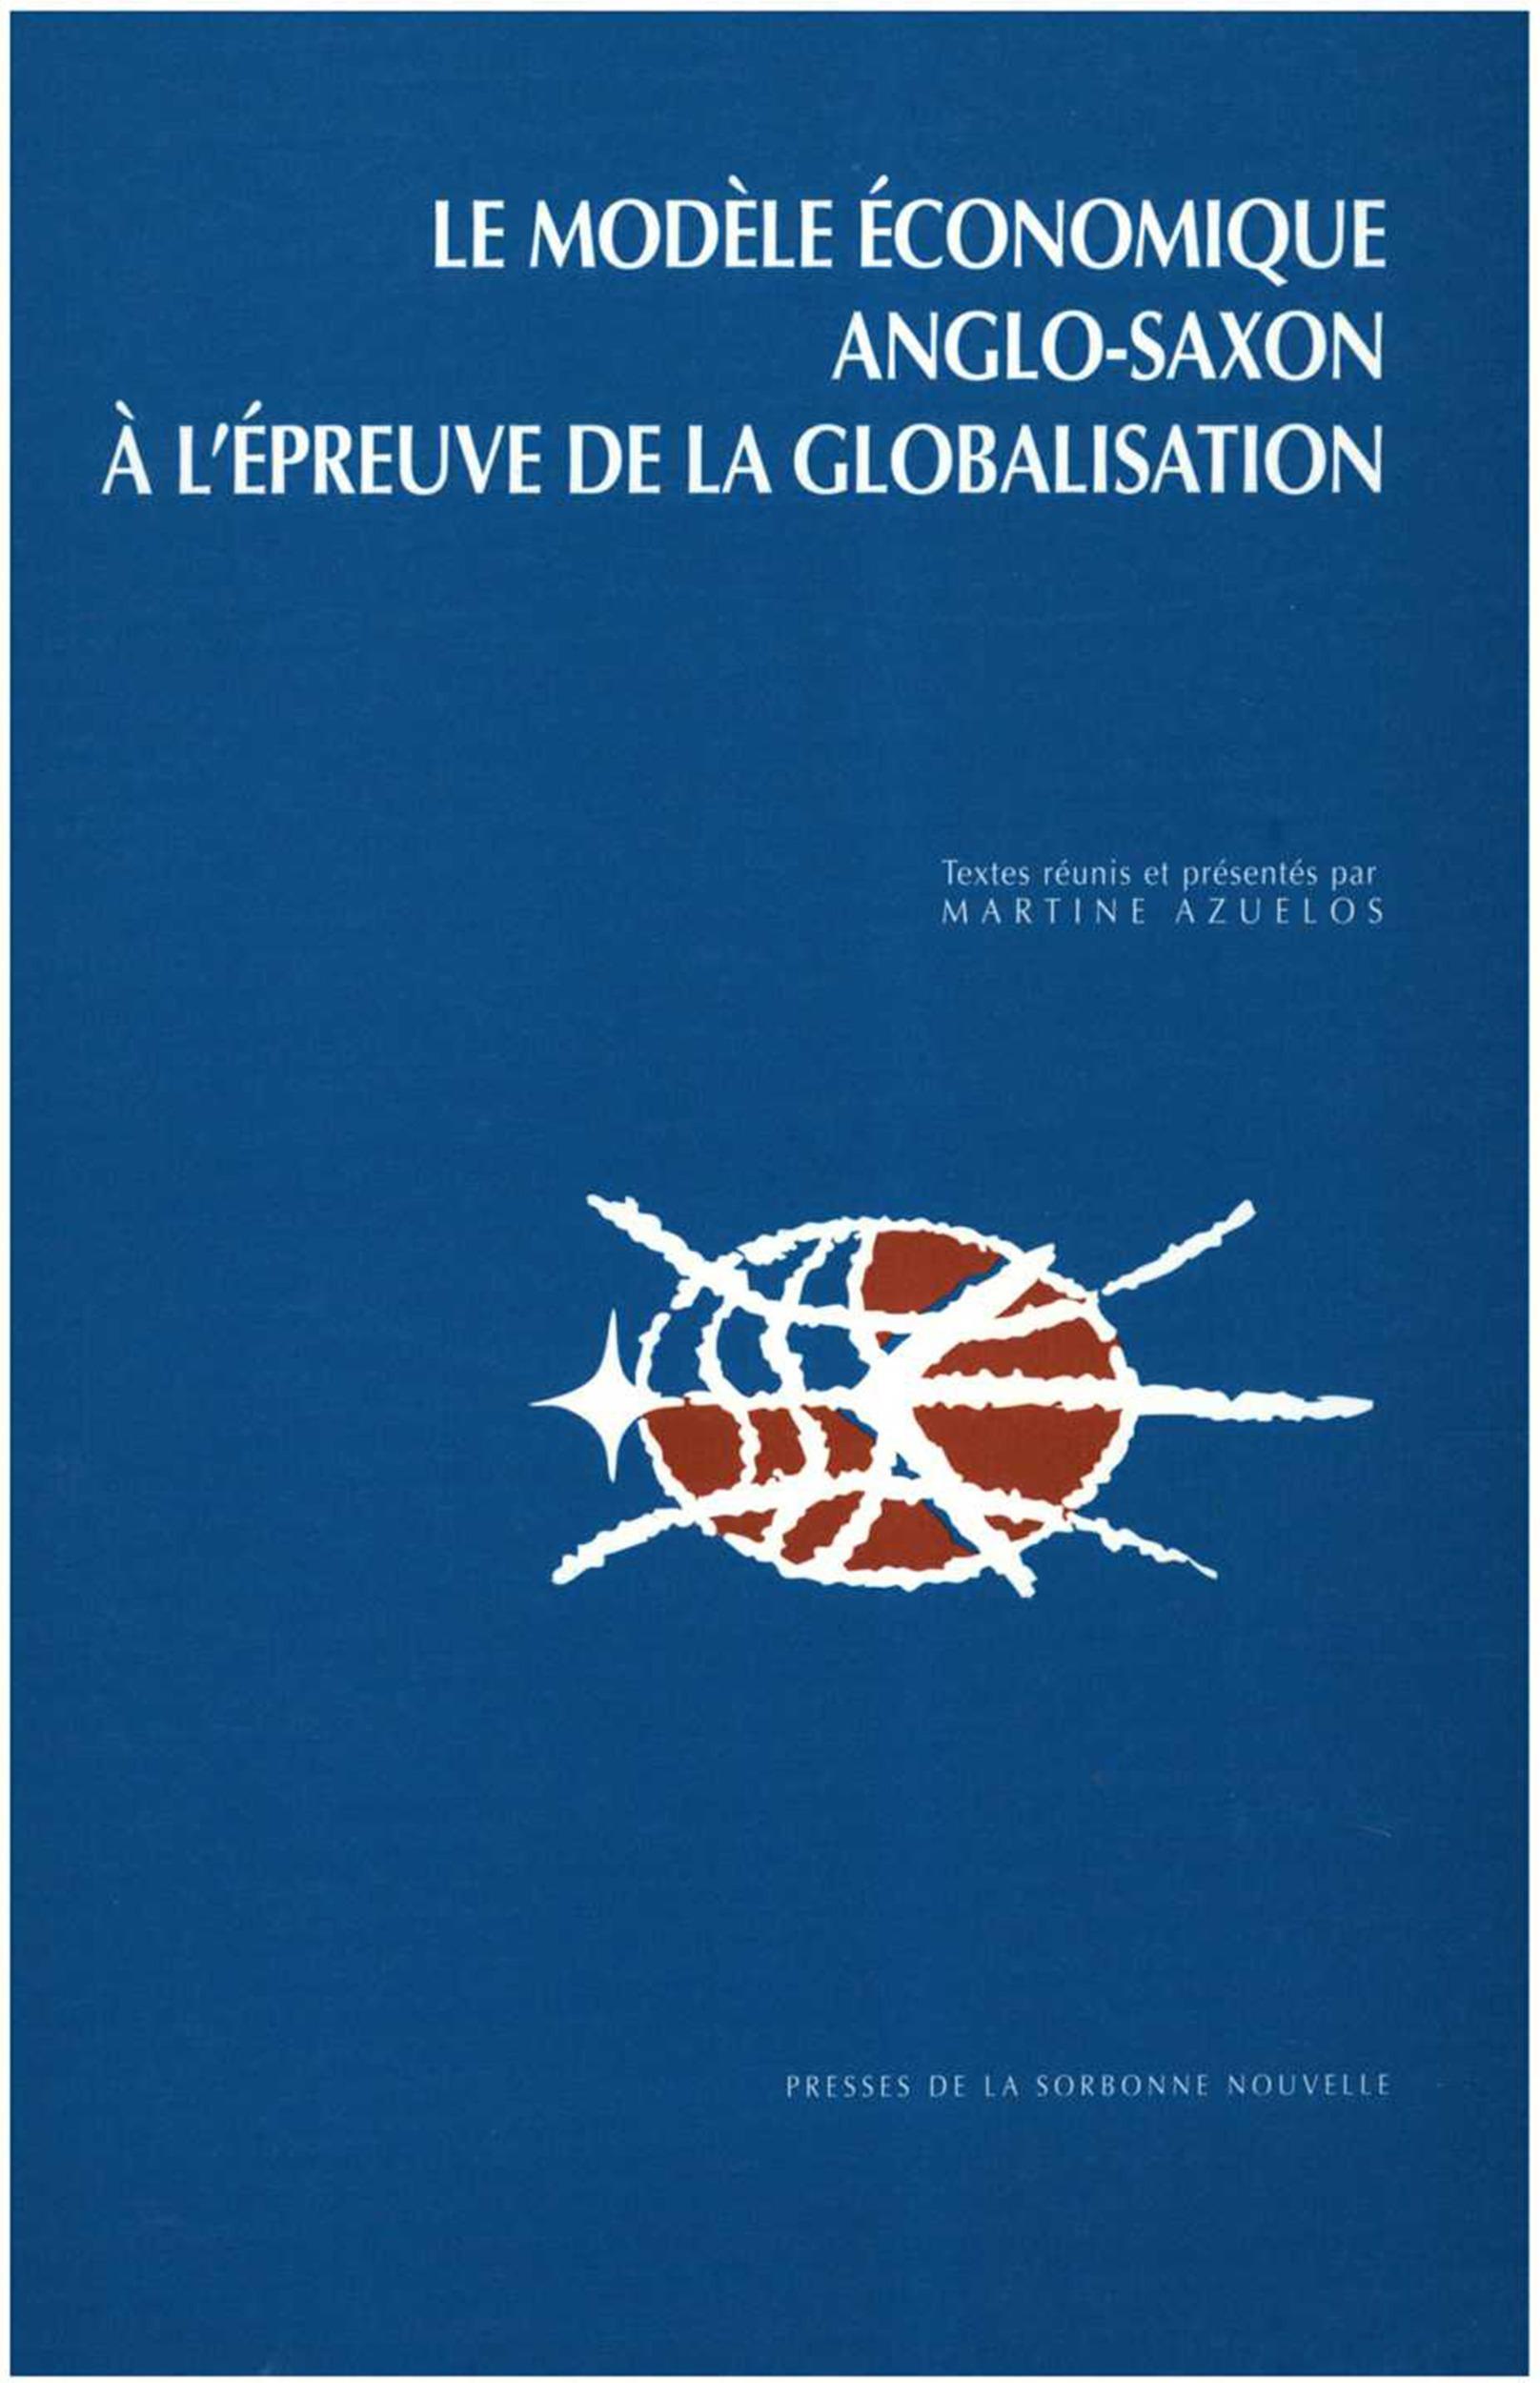 Le modele economique anglo-saxon a l'epreuve de la globalisation. col loque international, universit